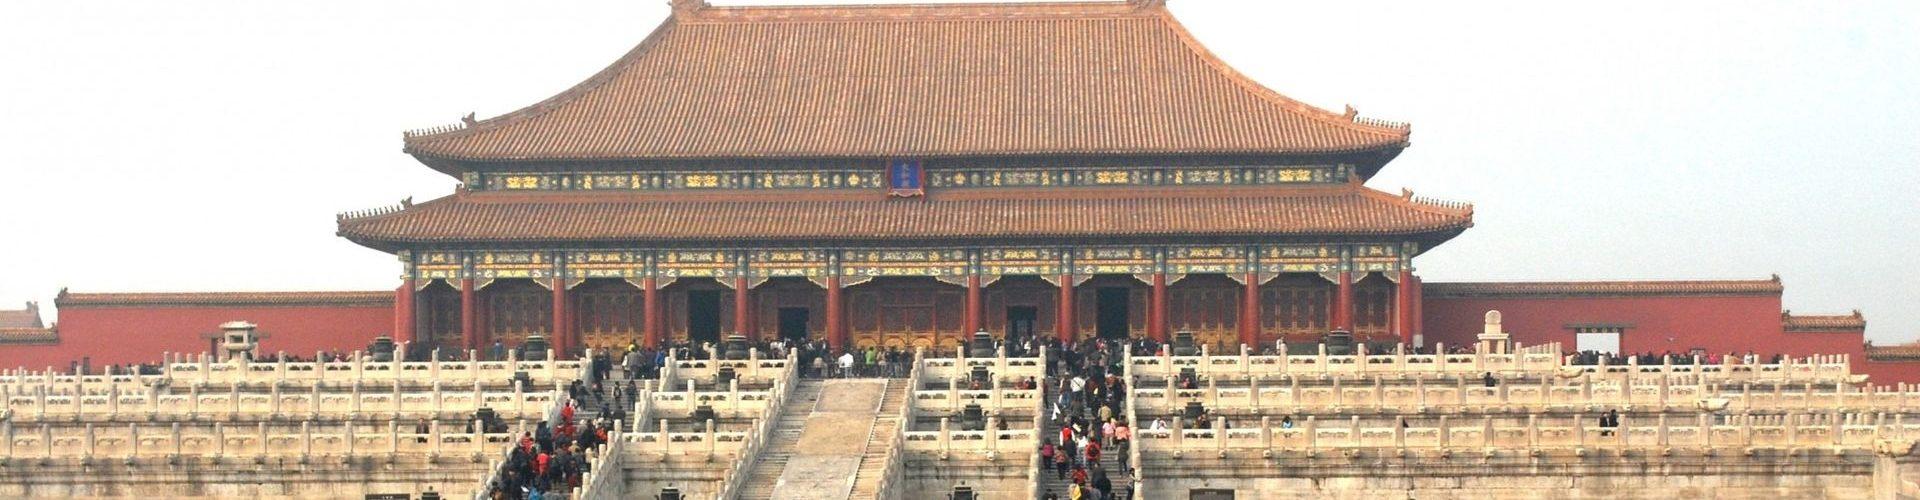 העיר האסורה, סין